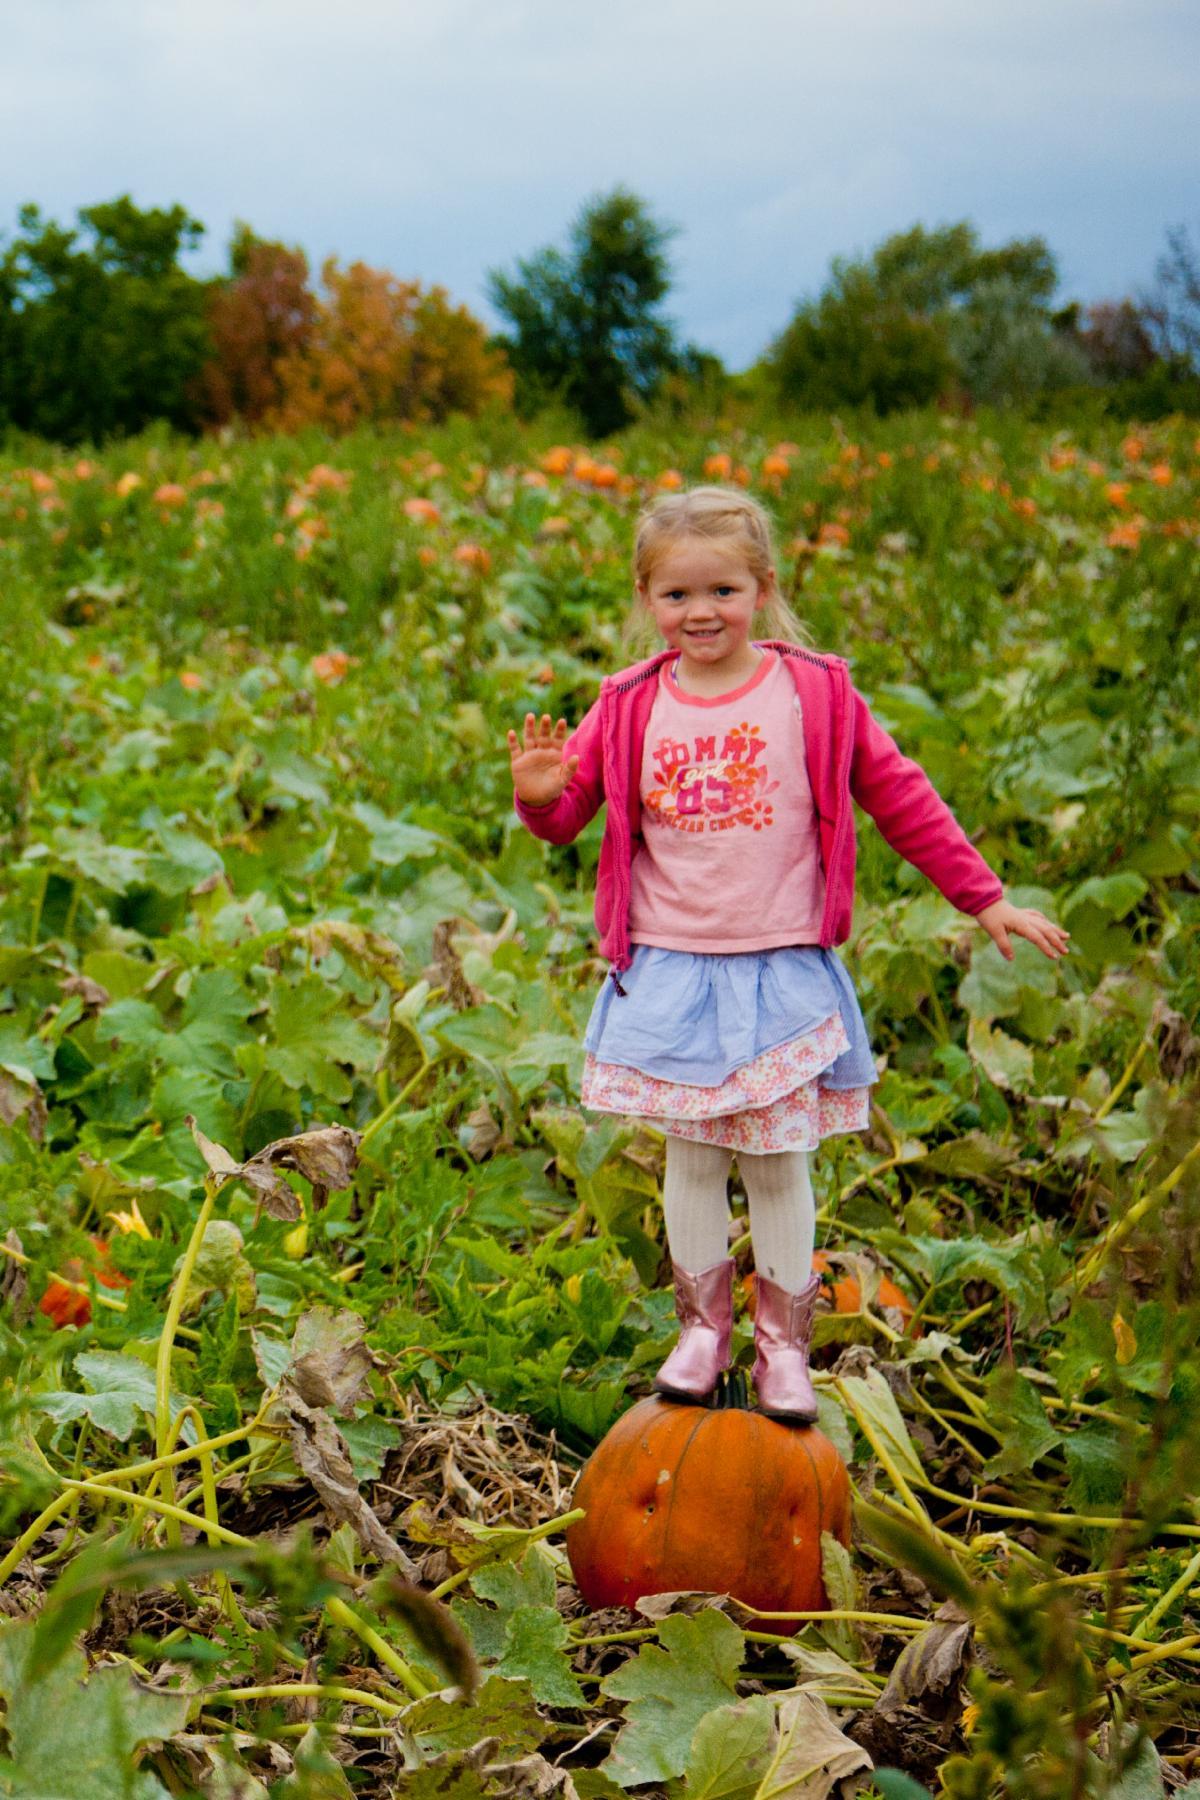 Girl standing on pumpkin